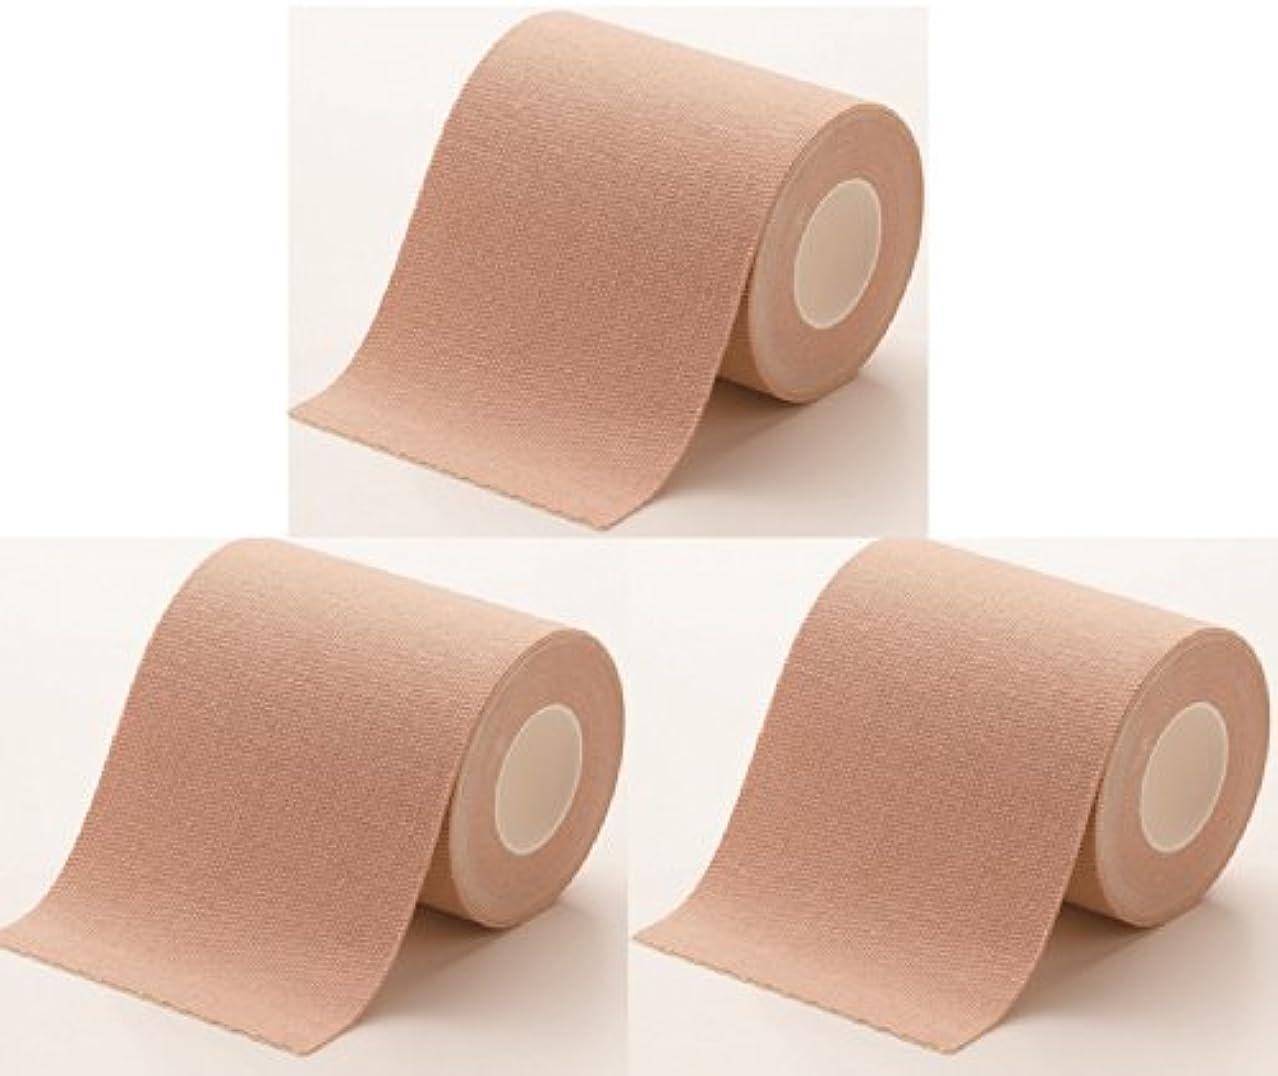 差構想するデンマーク語汗かきさんの直貼りワイド汗取りシート3個組 (ヒアルロン酸配合?抗菌加工)